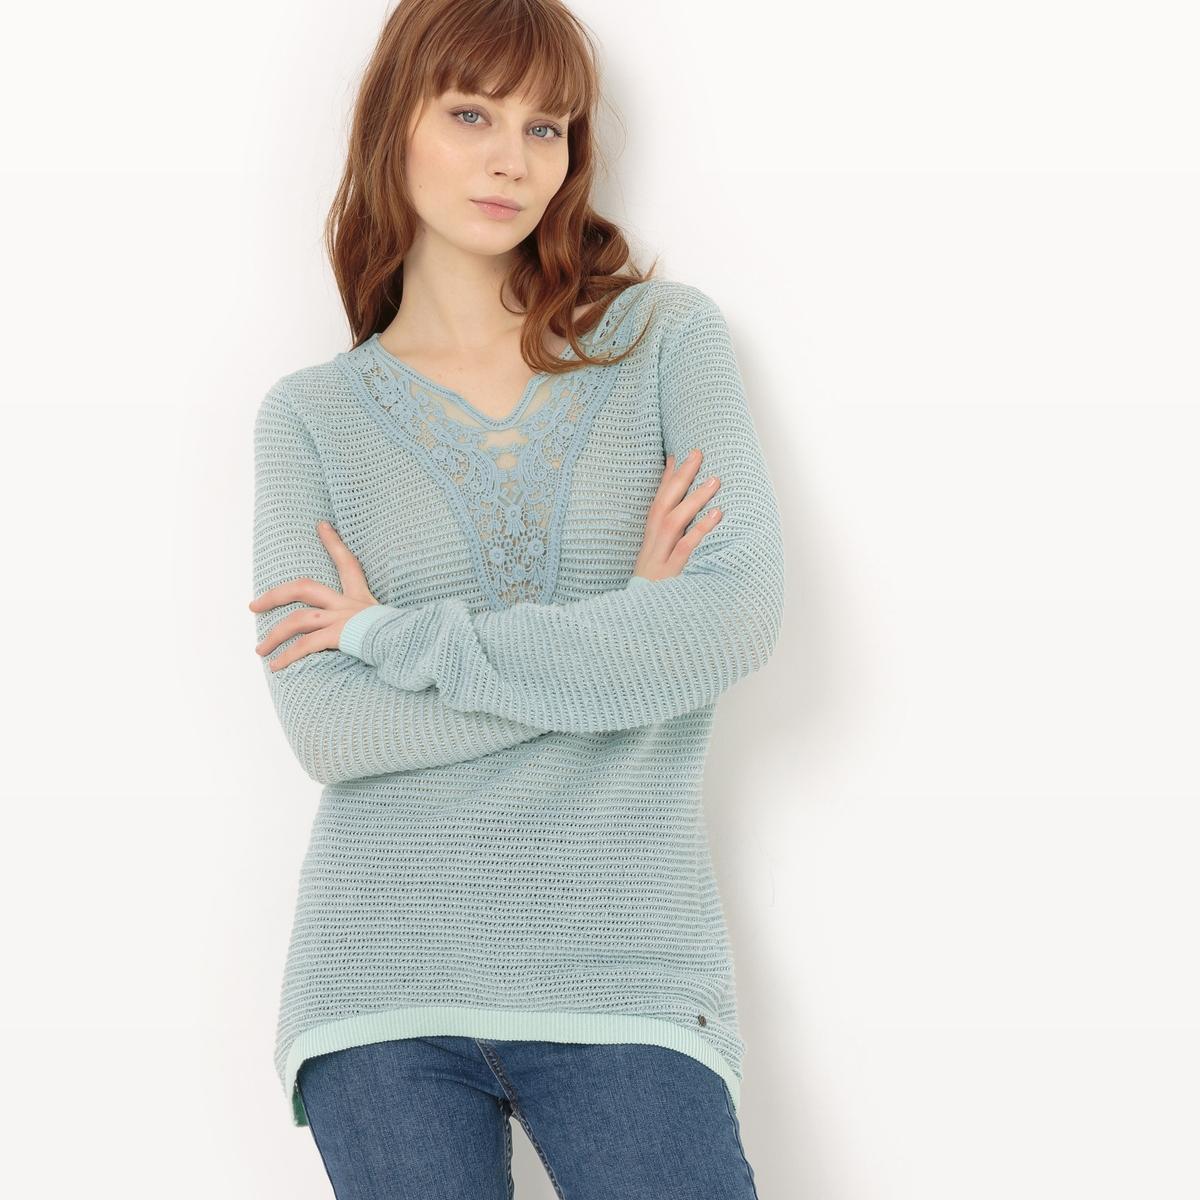 Пуловер с круглым вырезом из хлопкаМатериал : 84% хлопка, 6% волокон с металлическим блеском, 10% полиэстера Длина рукава : длинные рукава Форма воротника : круглый вырез Покрой пуловера : стандартный Рисунок : однотонная модель Особенность материала : кружево<br><br>Цвет: зеленый сине-зеленый<br>Размер: XS.M